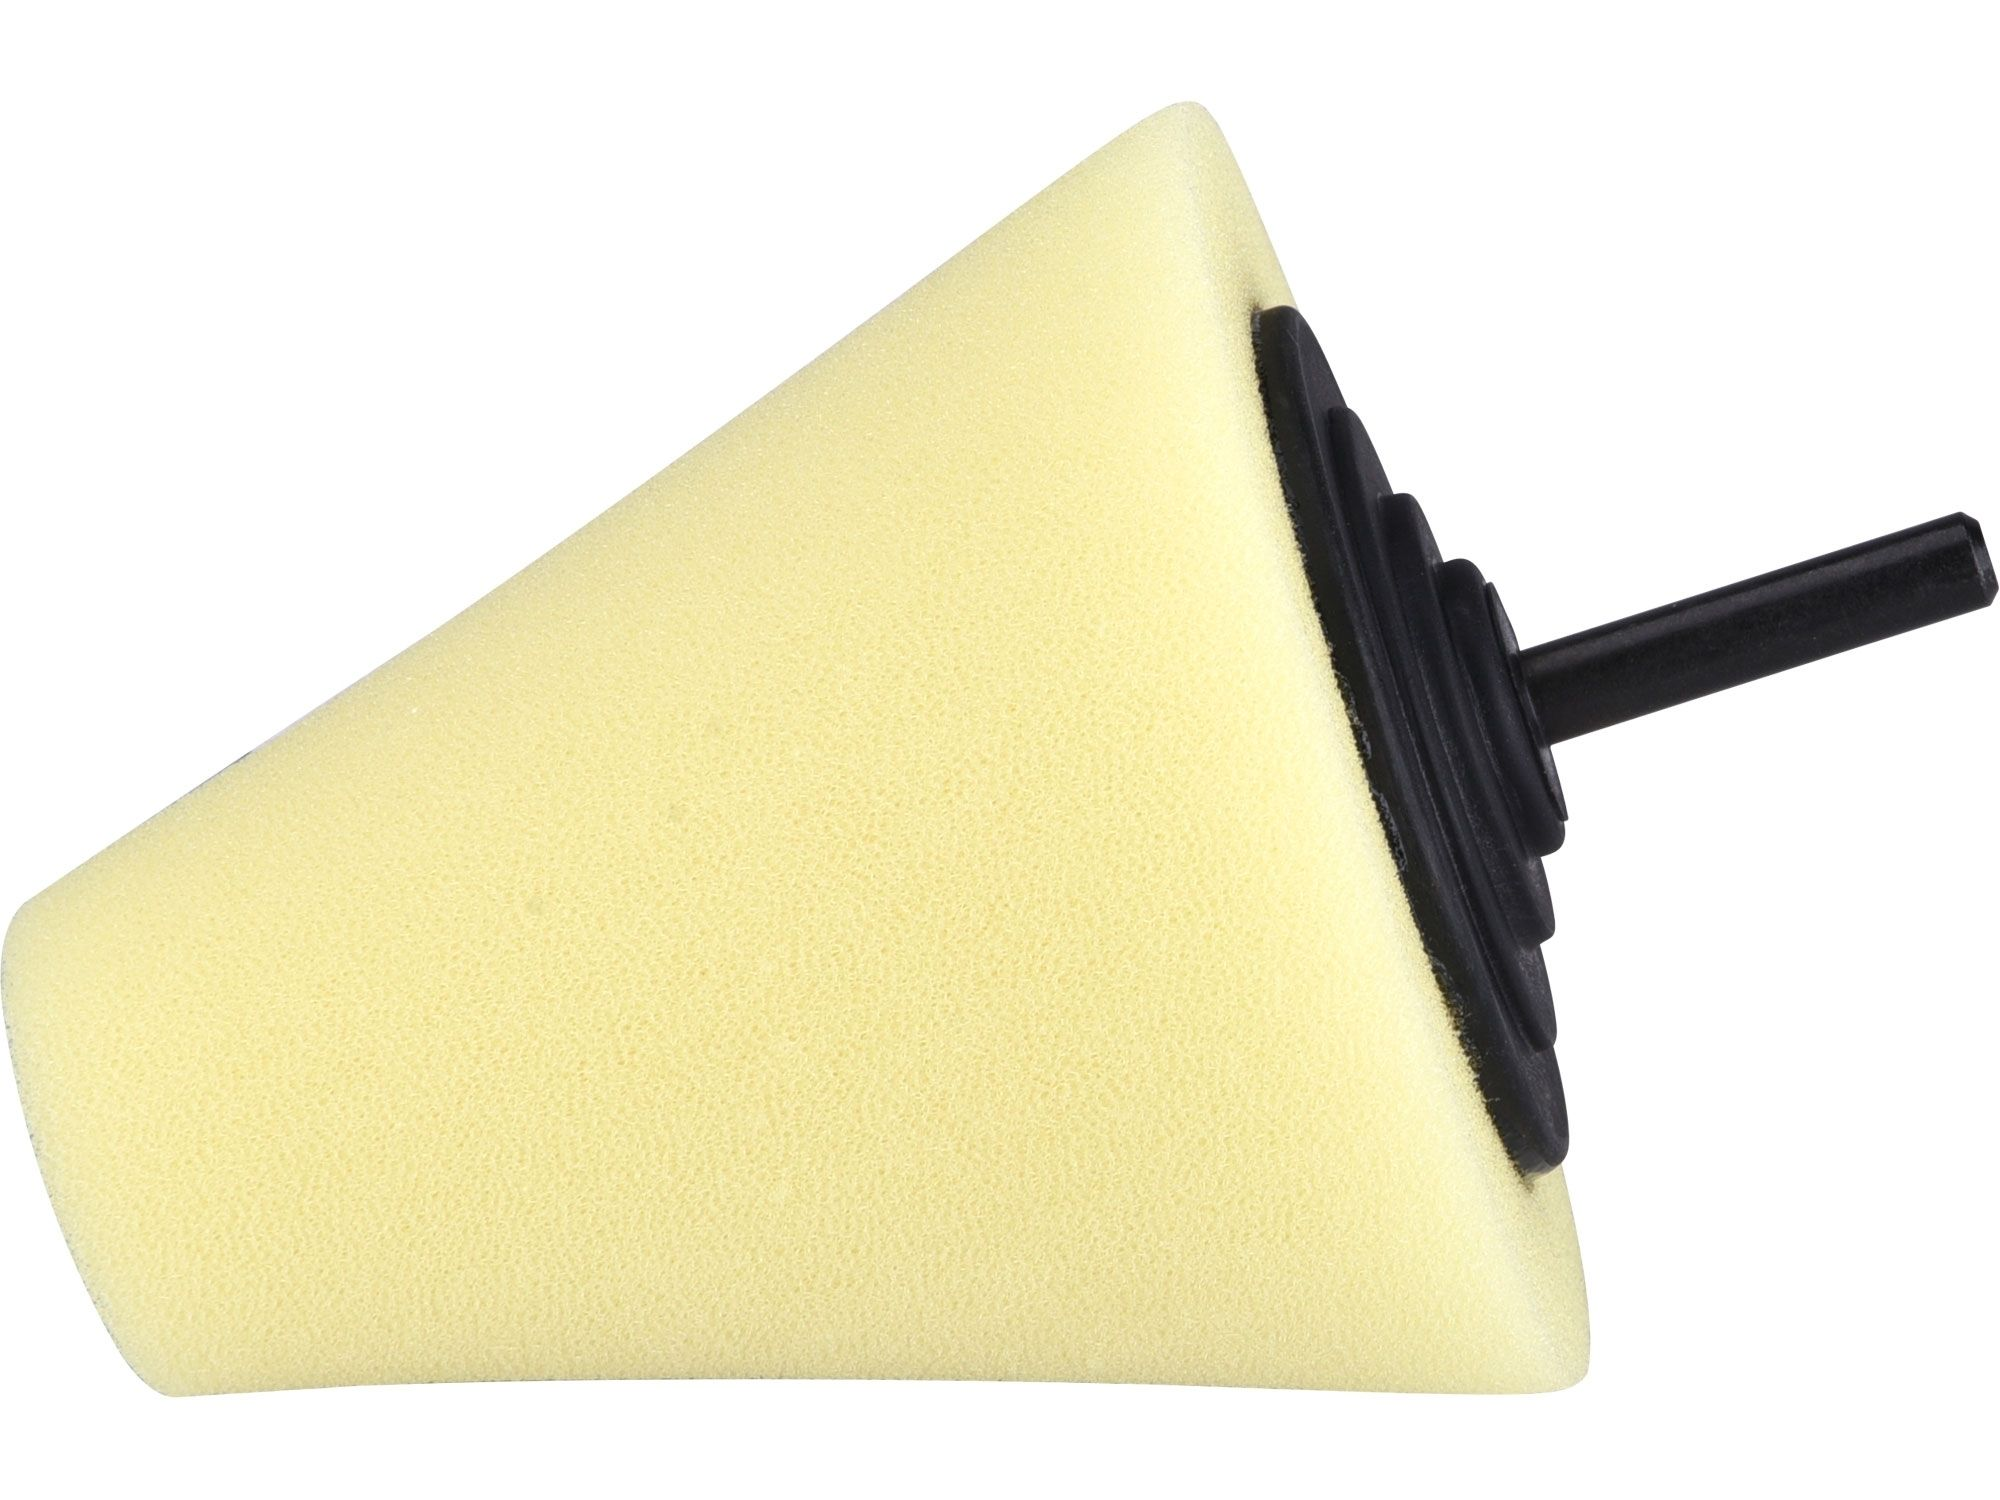 Kužel leštící pěnový, T80, žlutý, ?80mm, stopka 6mm EXTOL PREMIUM